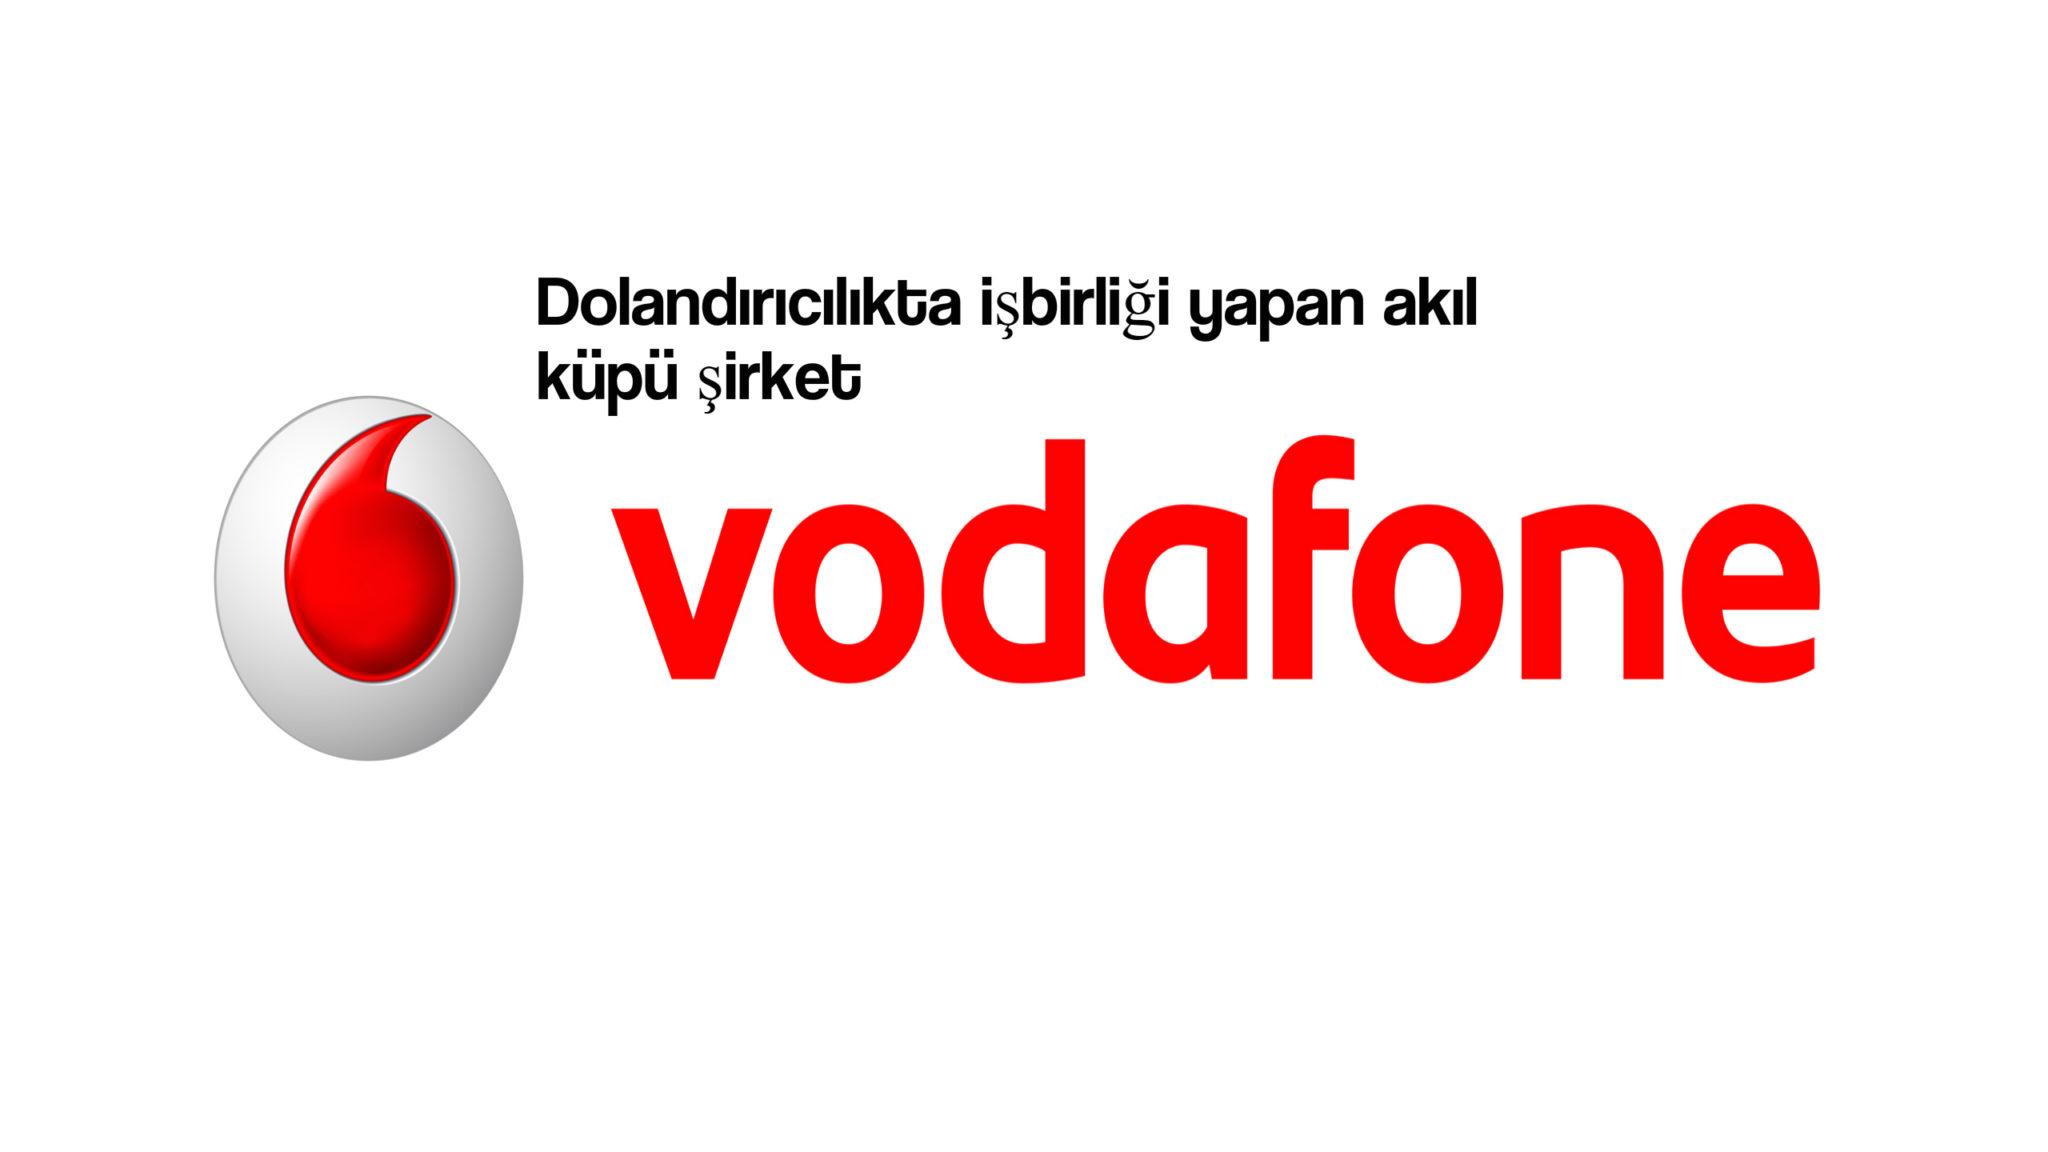 Vodafone Dolandırıcılığı 'Paravan Servisler' 1